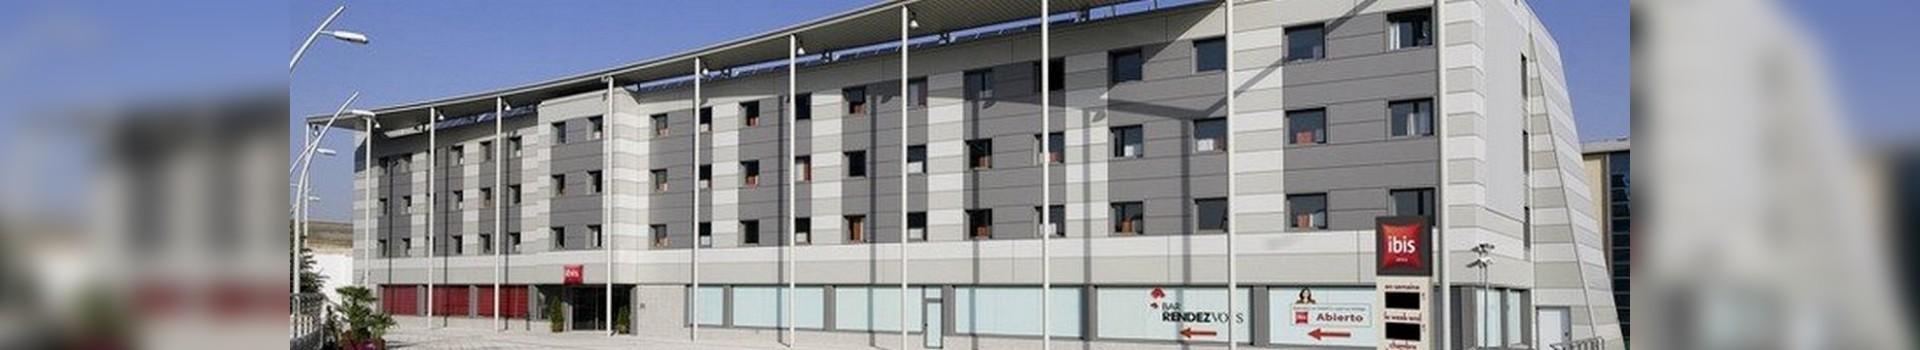 hotel cerca de la universidad autonoma , hotel en barajas